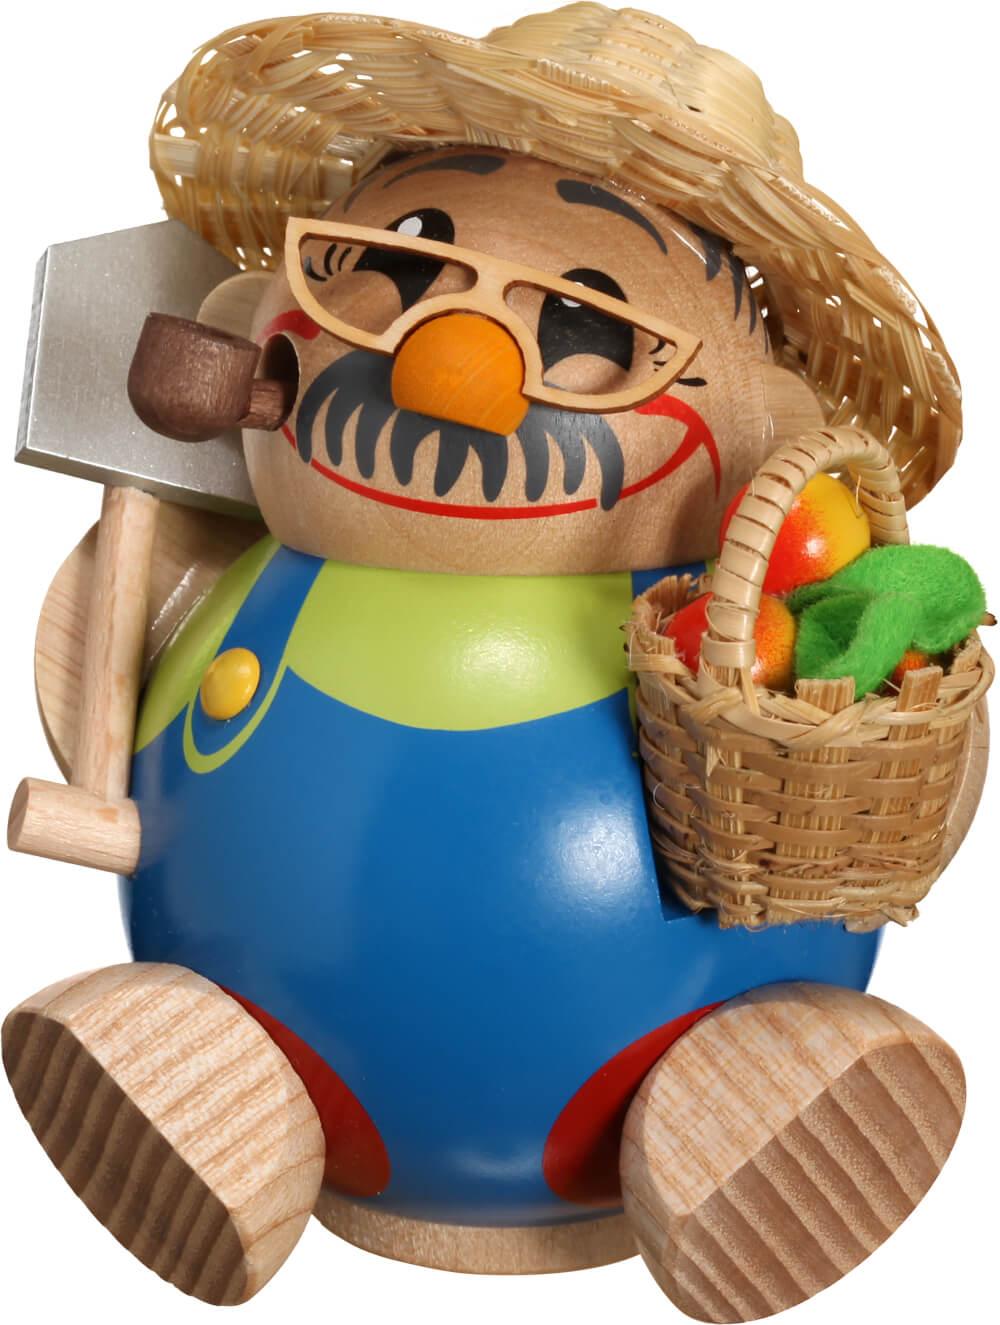 lustige Räucherfigur mit Schaufel und Obstkorb